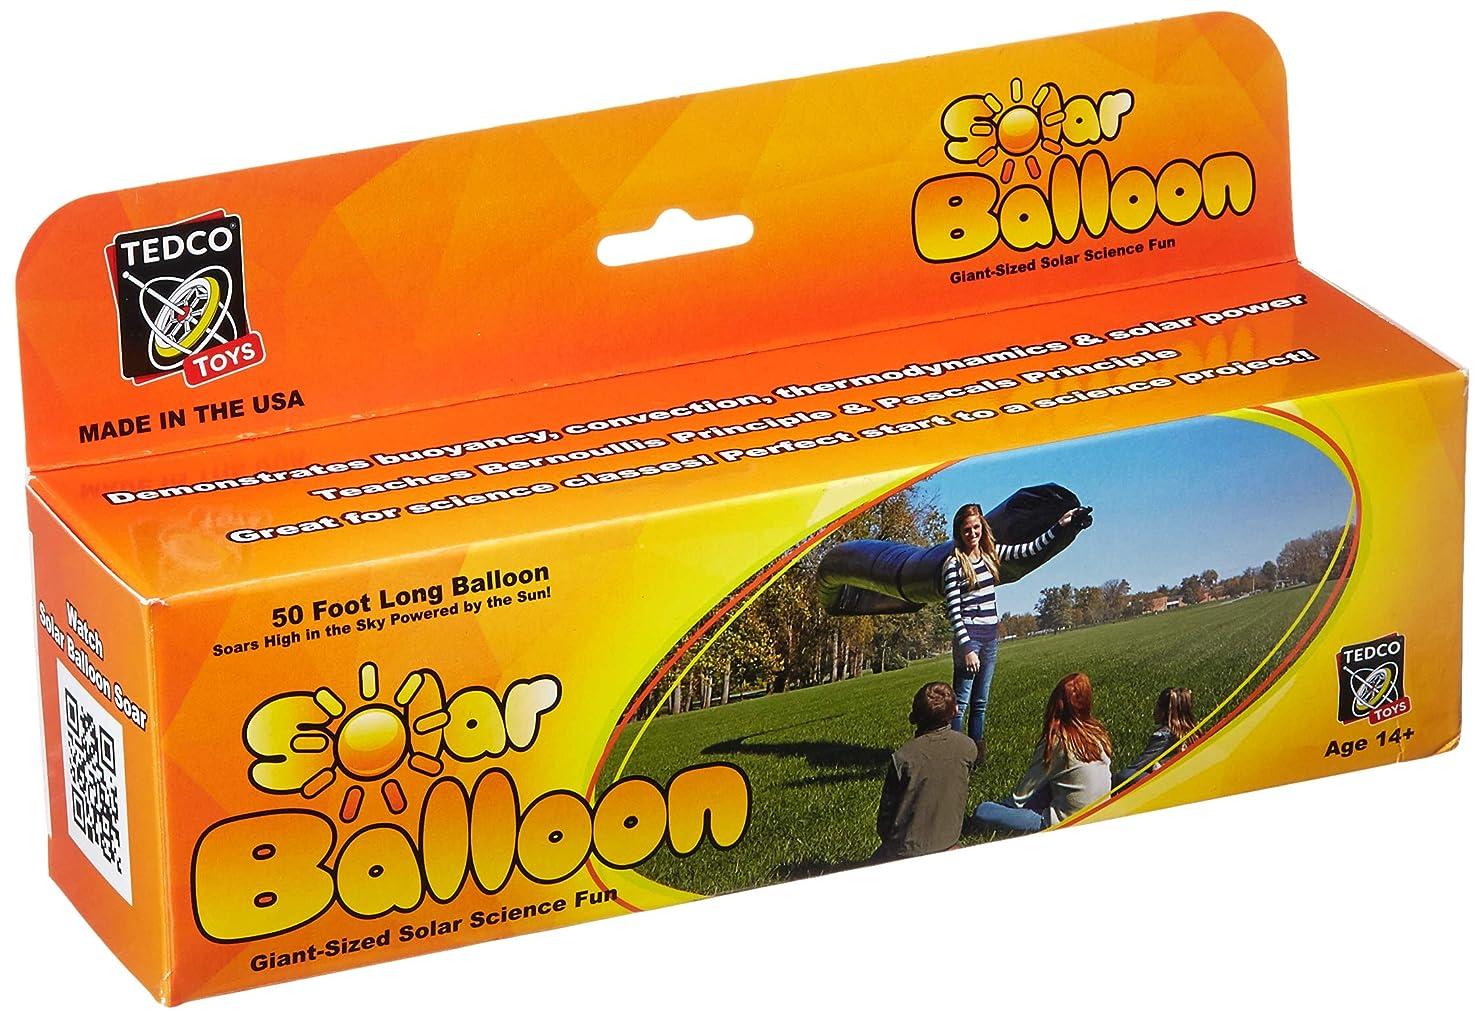 TEDCO Tedcotoys Kids Activity 50-Foot Solar Balloon hxltmnbrhor00